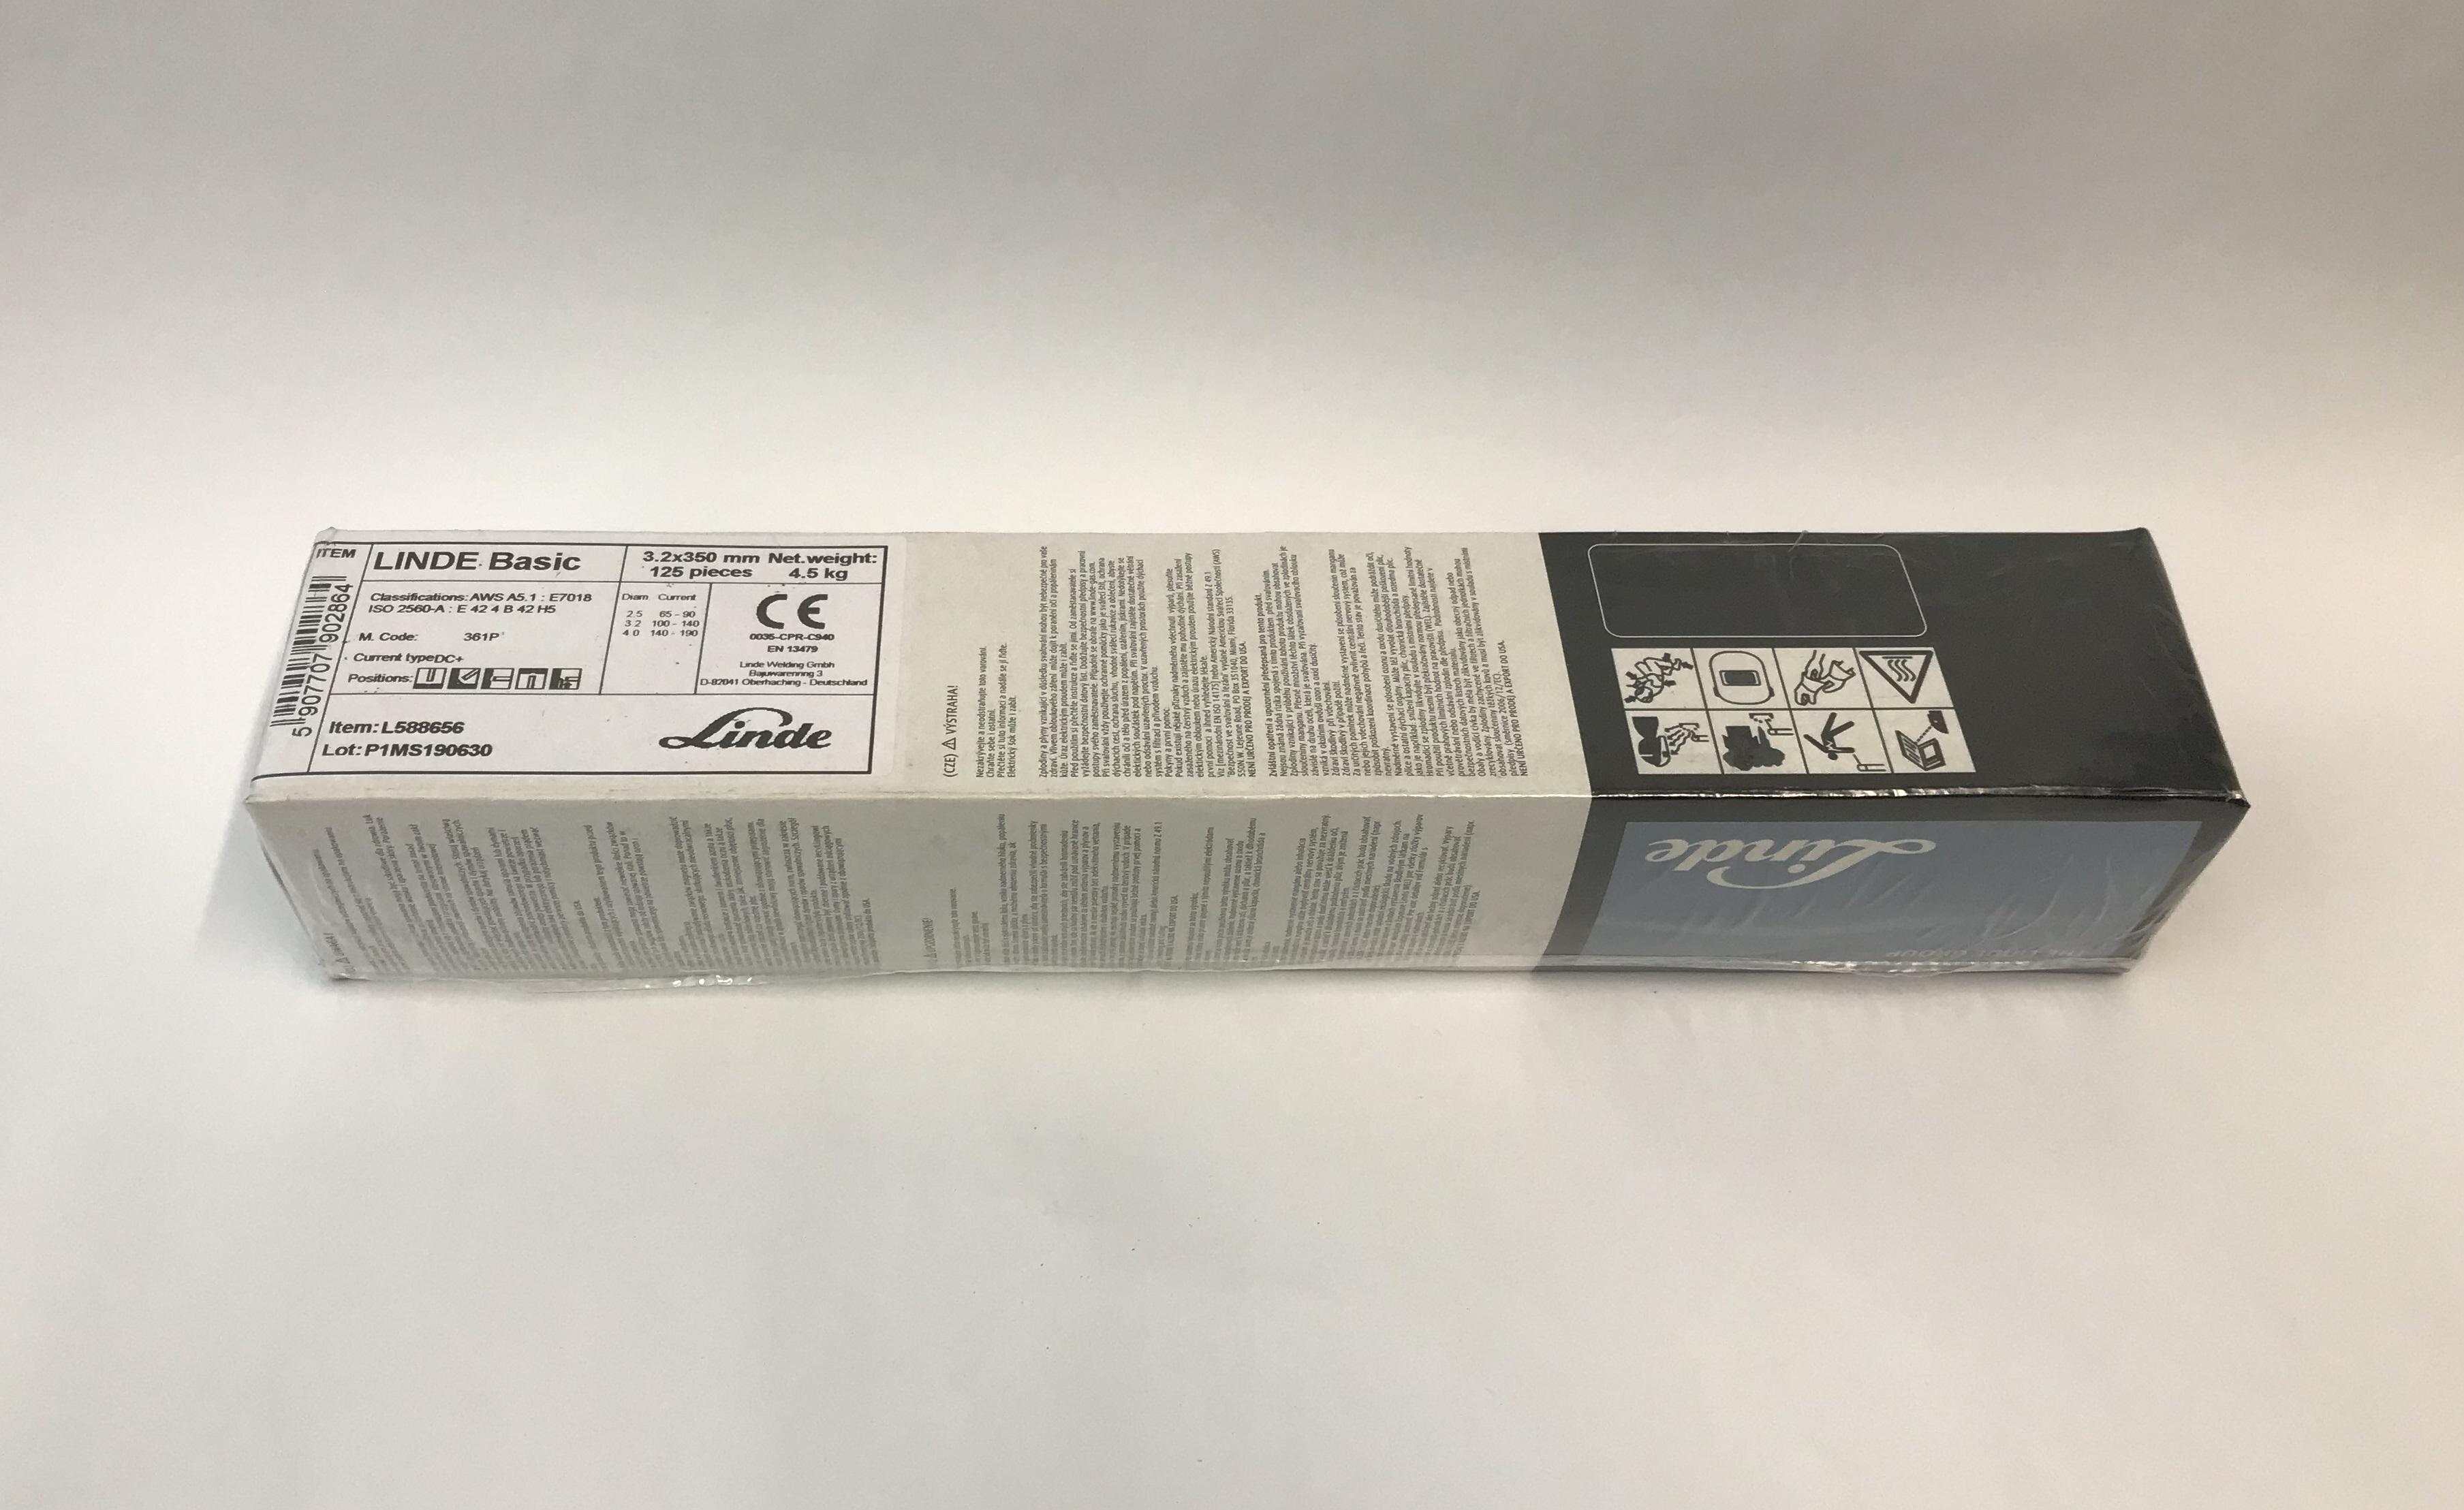 Linde Gas Elektrody BASICKÉ 7018, Ǿ 2.5 - 3.2 mm x 350 mm Balení:: 3,20 mm 7280765 nejlevnější svářecí bazické elektrody